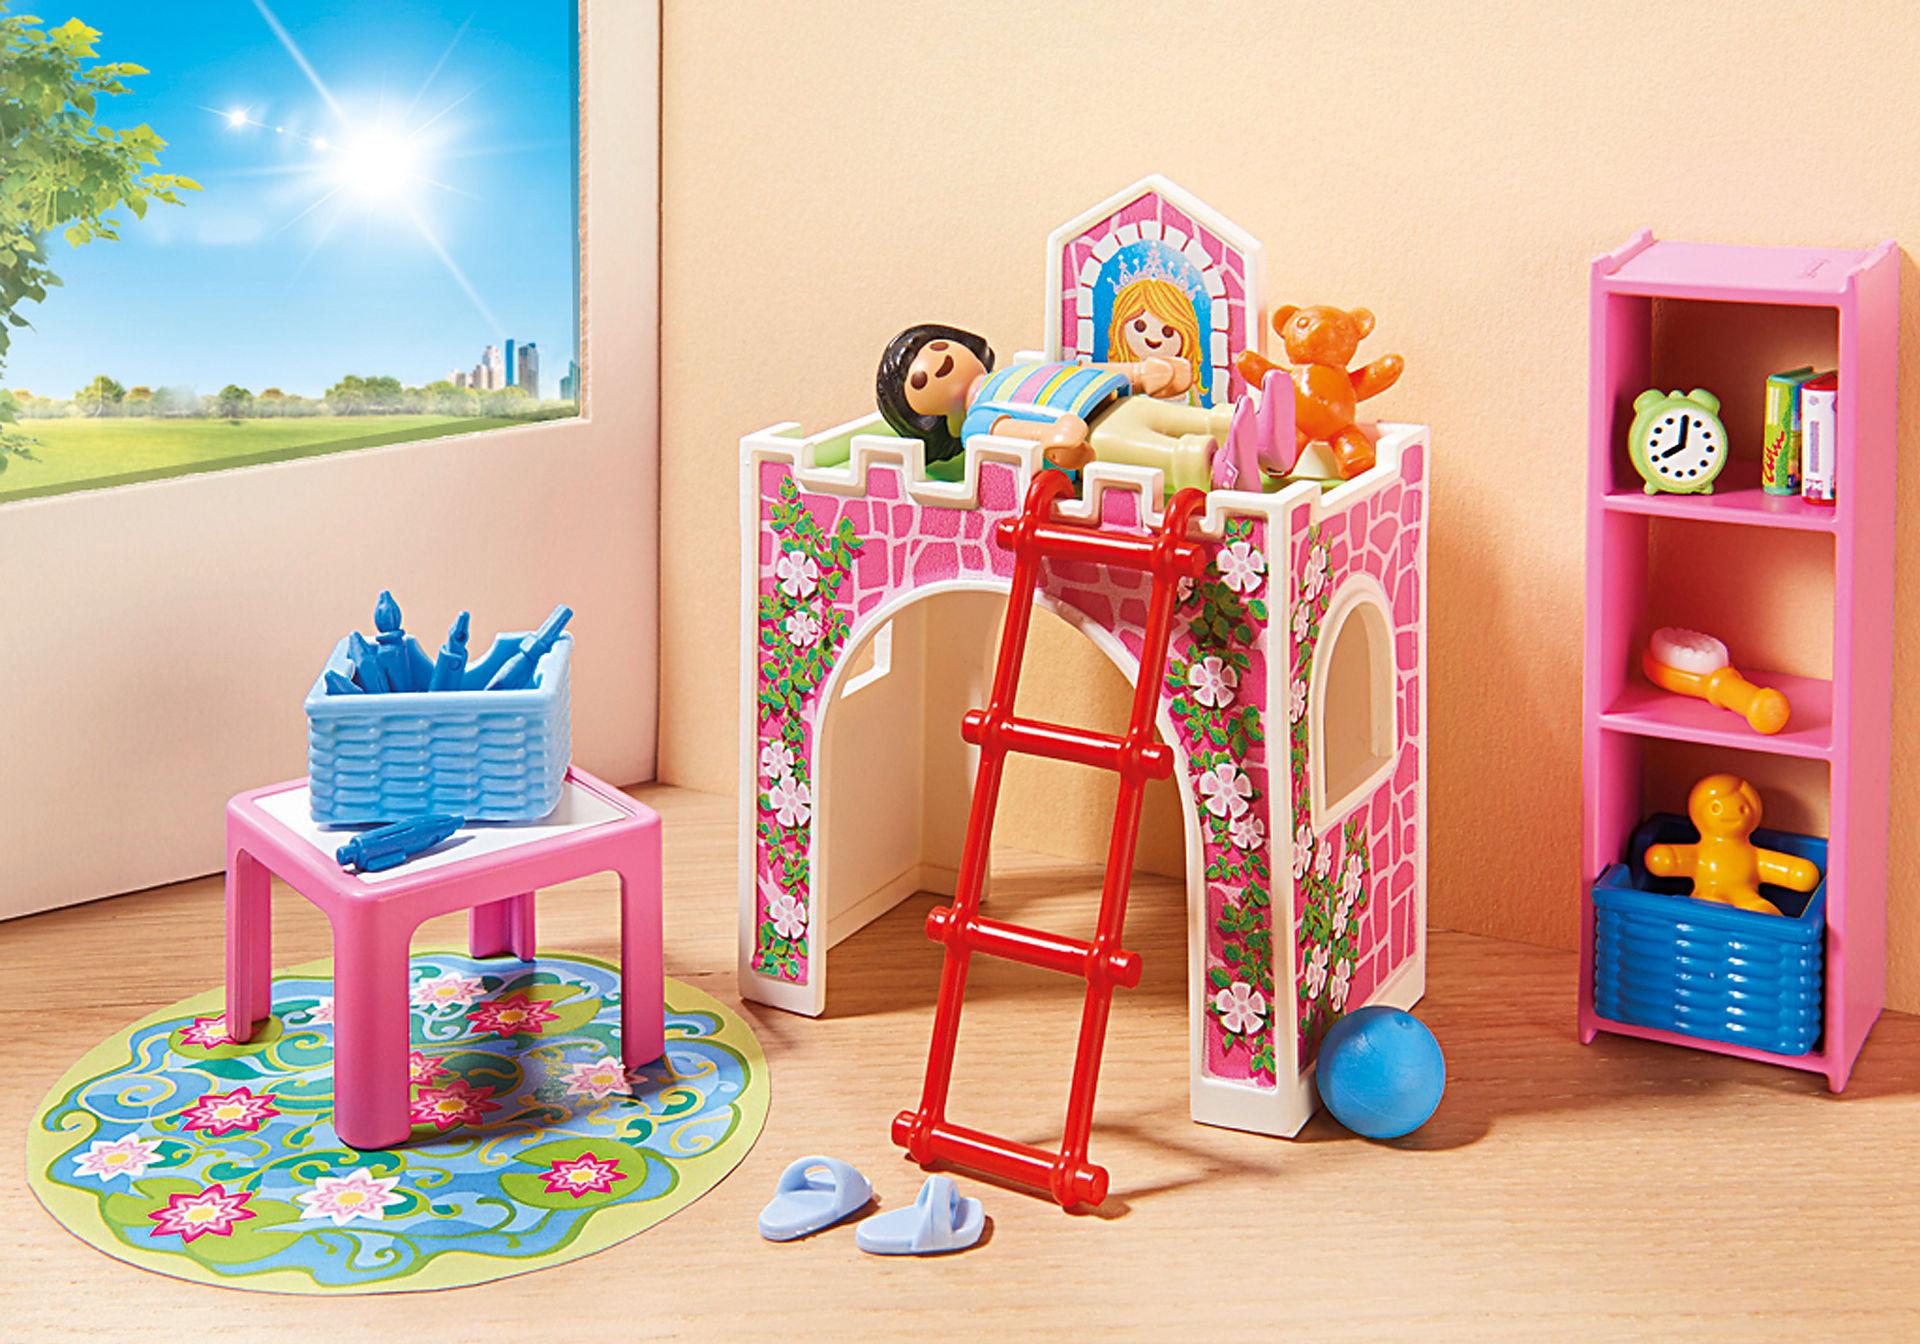 9270 Kolorowy pokój dziecięcy zoom image5